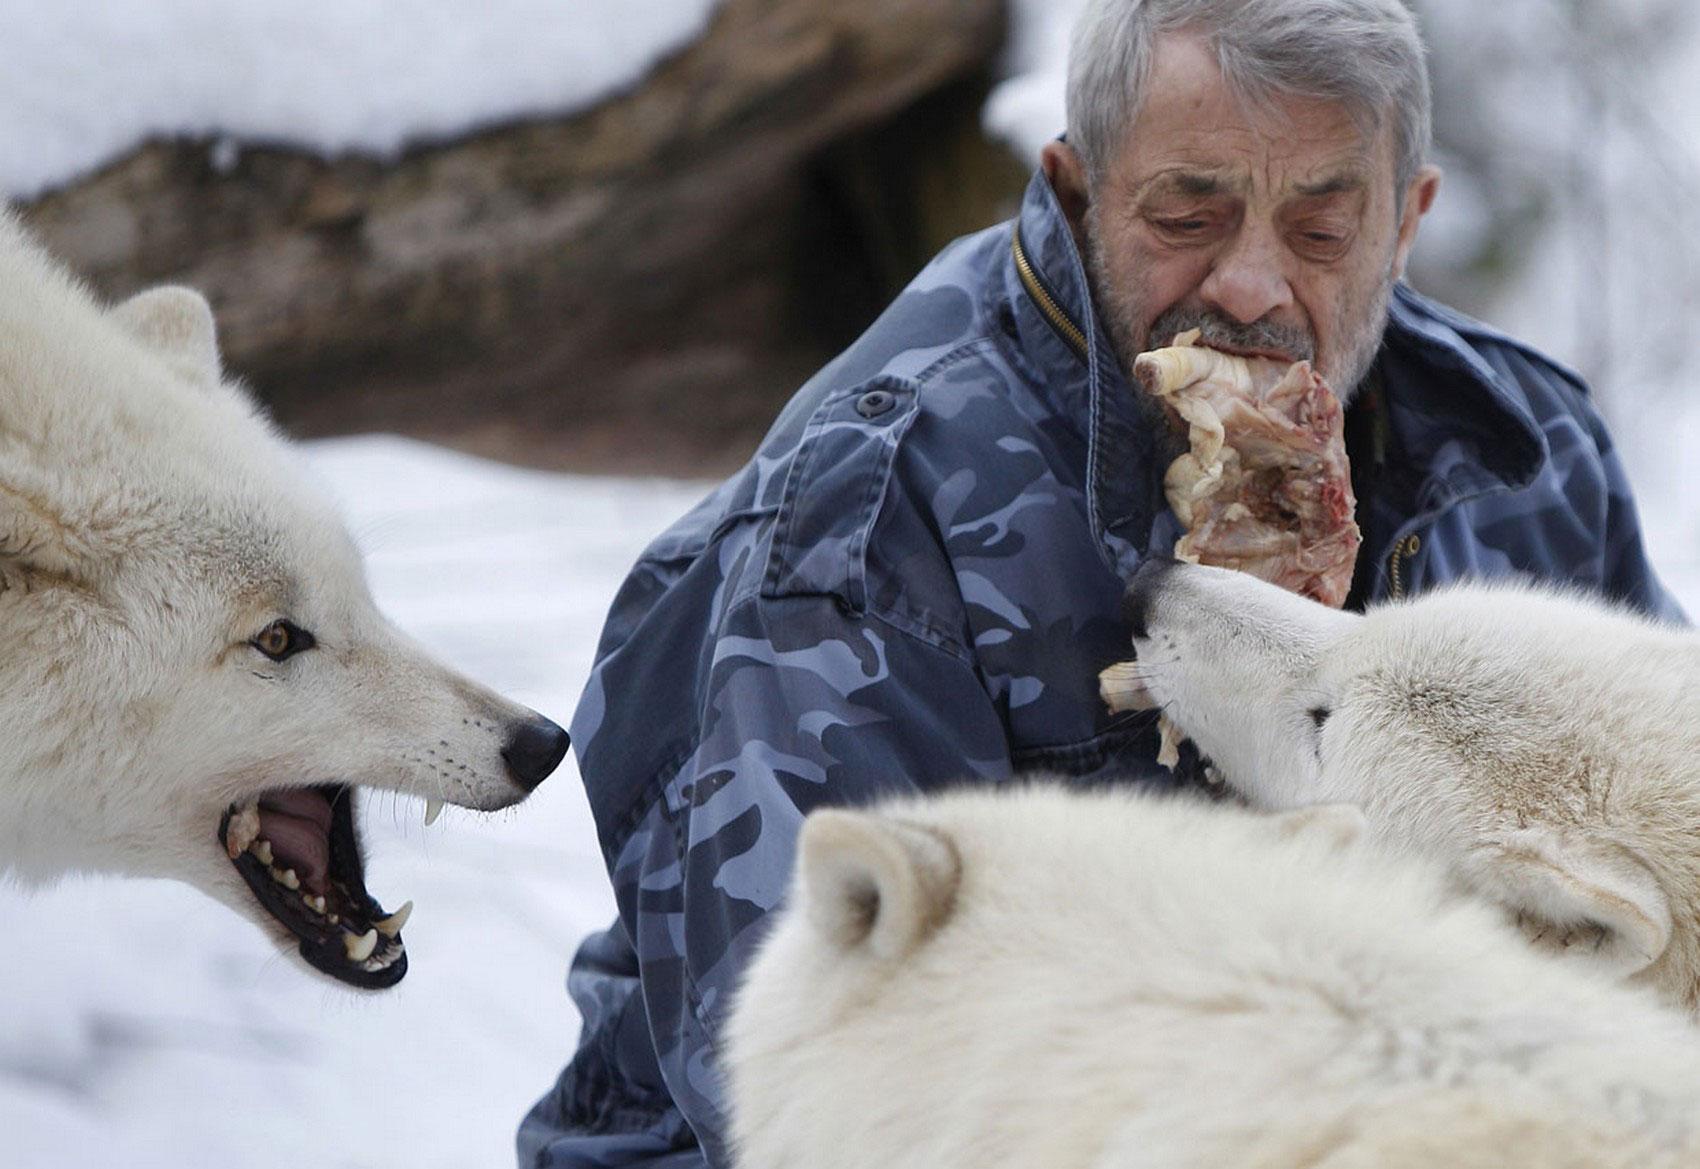 арктические волки берут мясо изо рта человека, фото